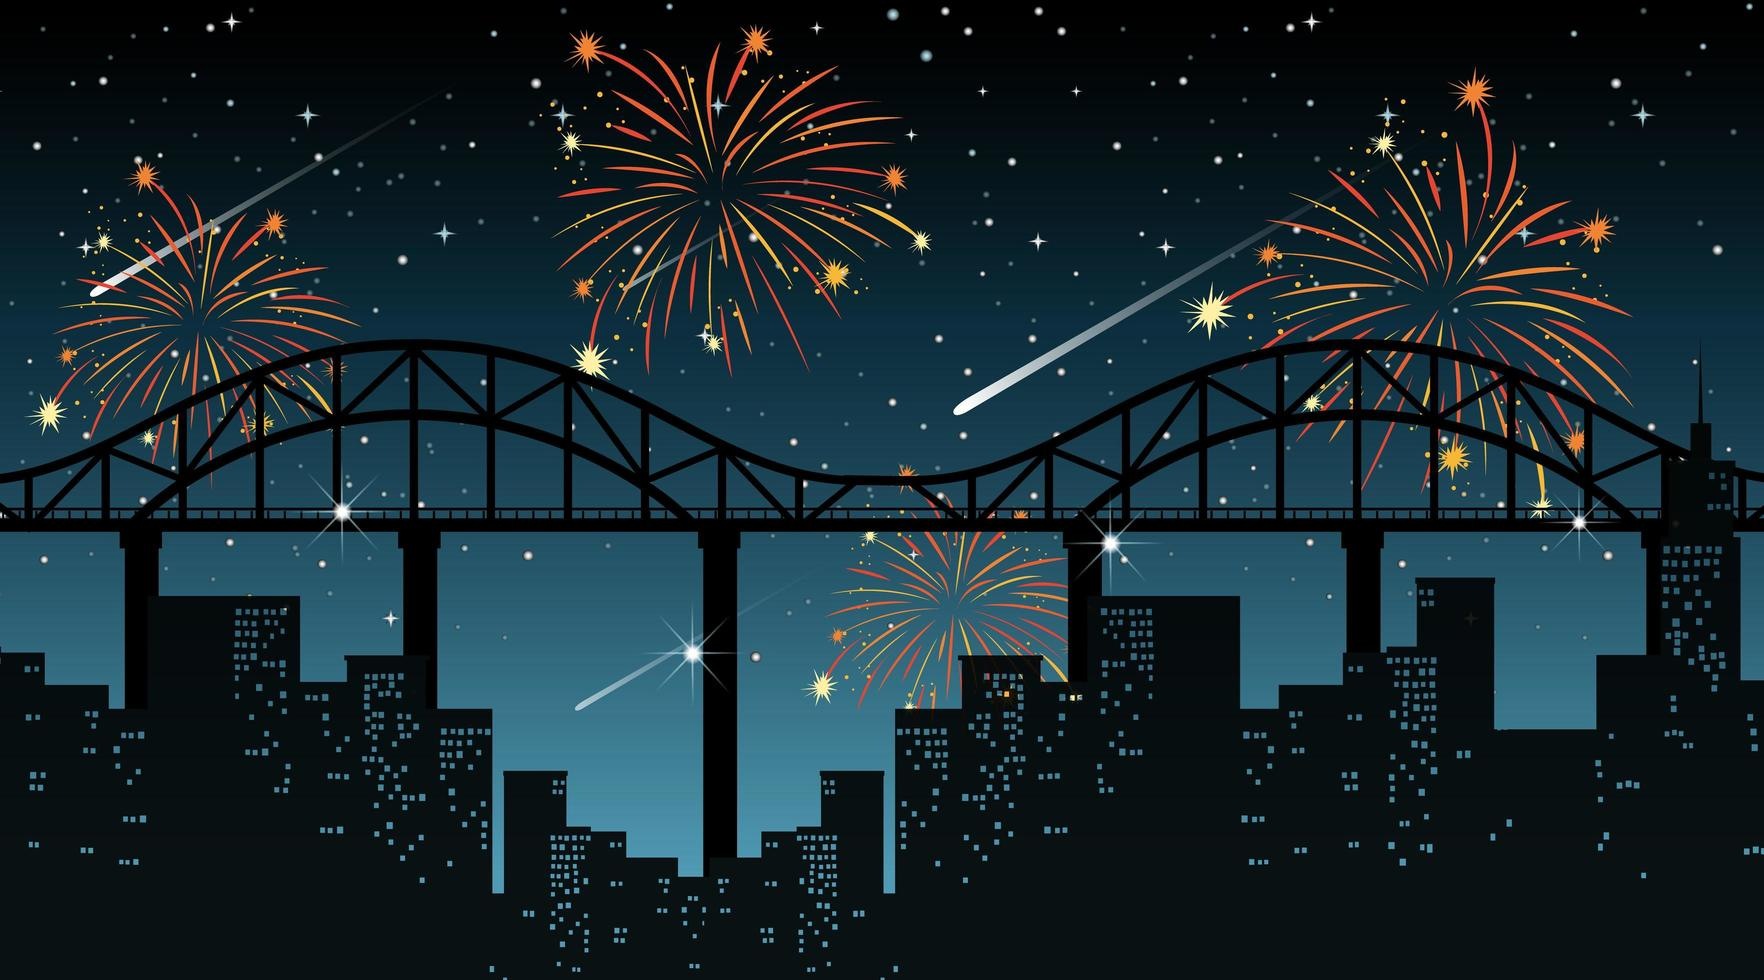 paesaggio urbano con scena di fuochi d'artificio di celebrazione vettore